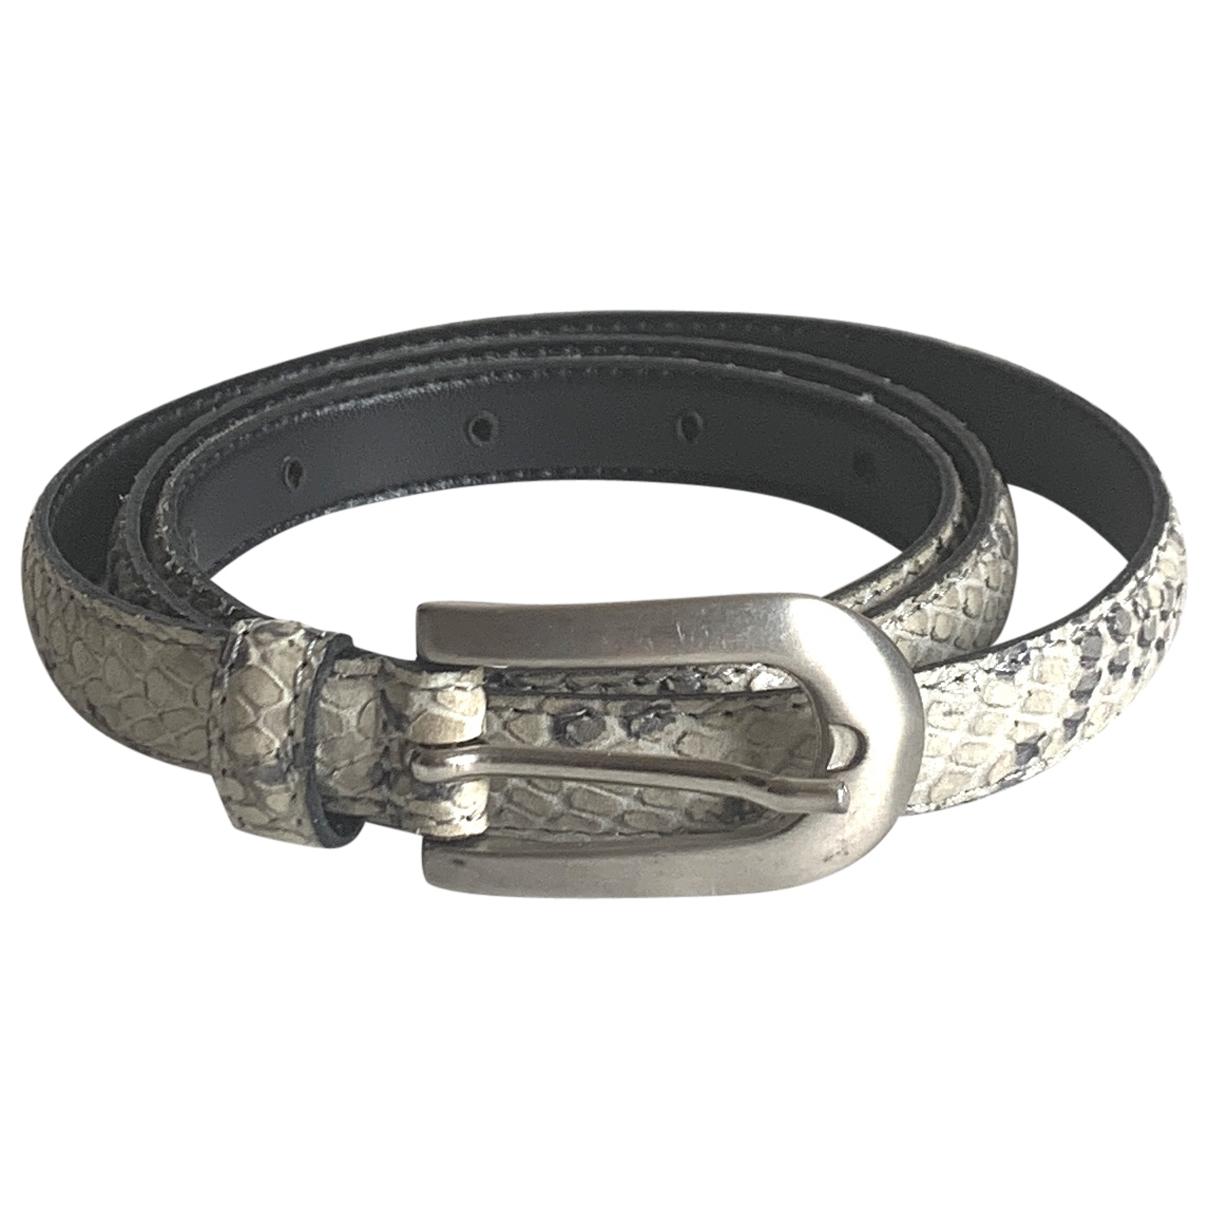 Cinturon Max & Co